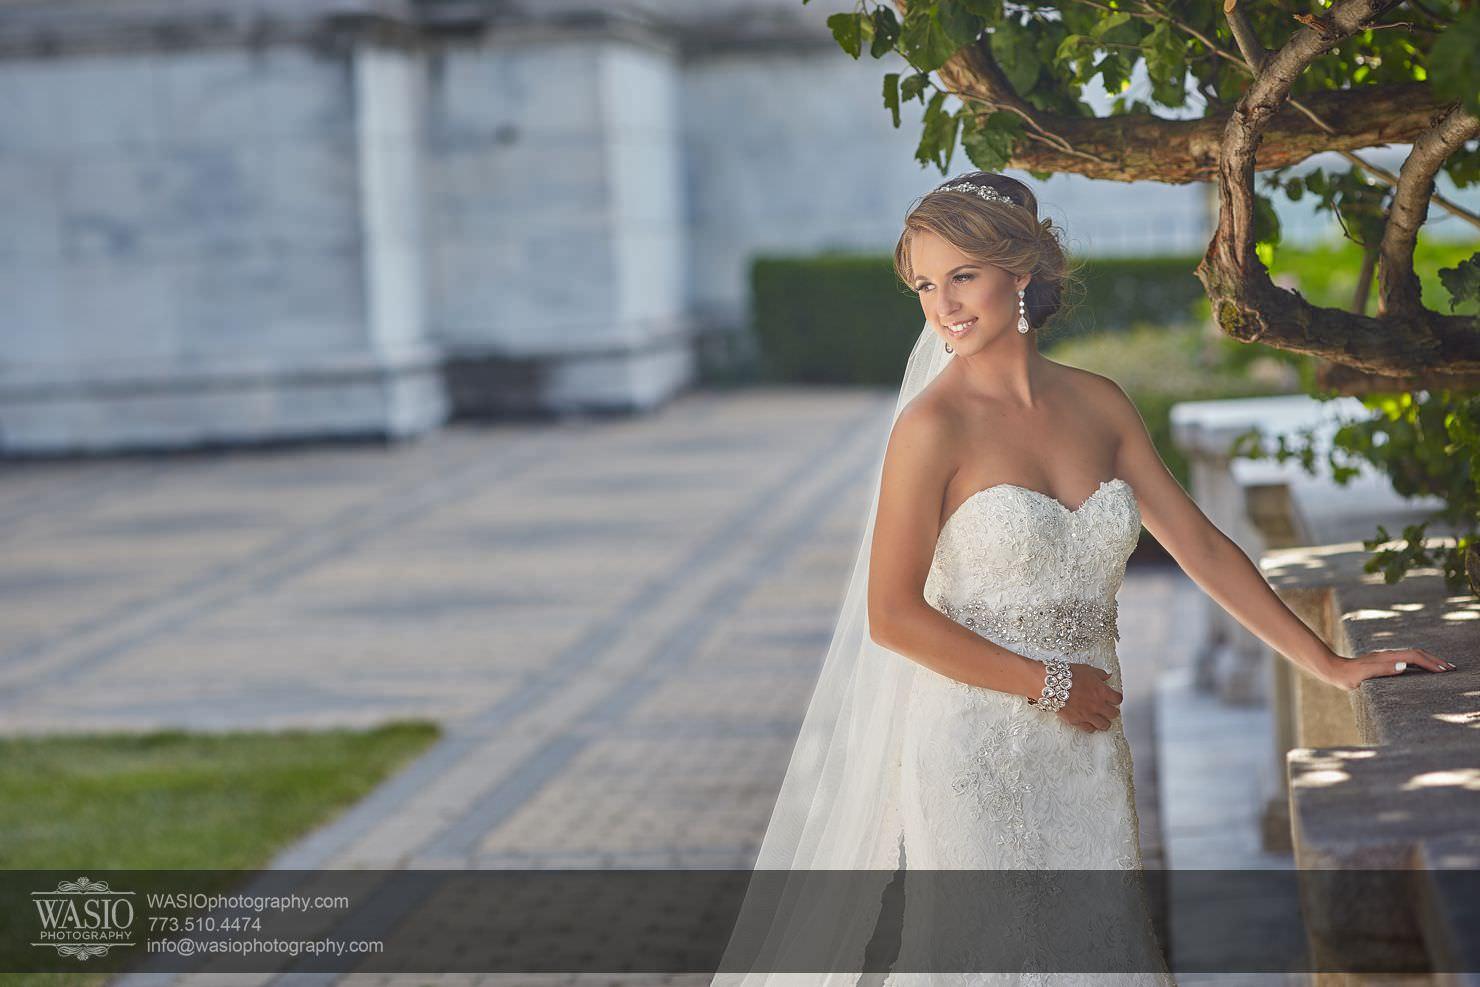 22_Chicago-Summer-Wedding_3P4C4408 Chicago Summer Wedding - Angelica & Pawel